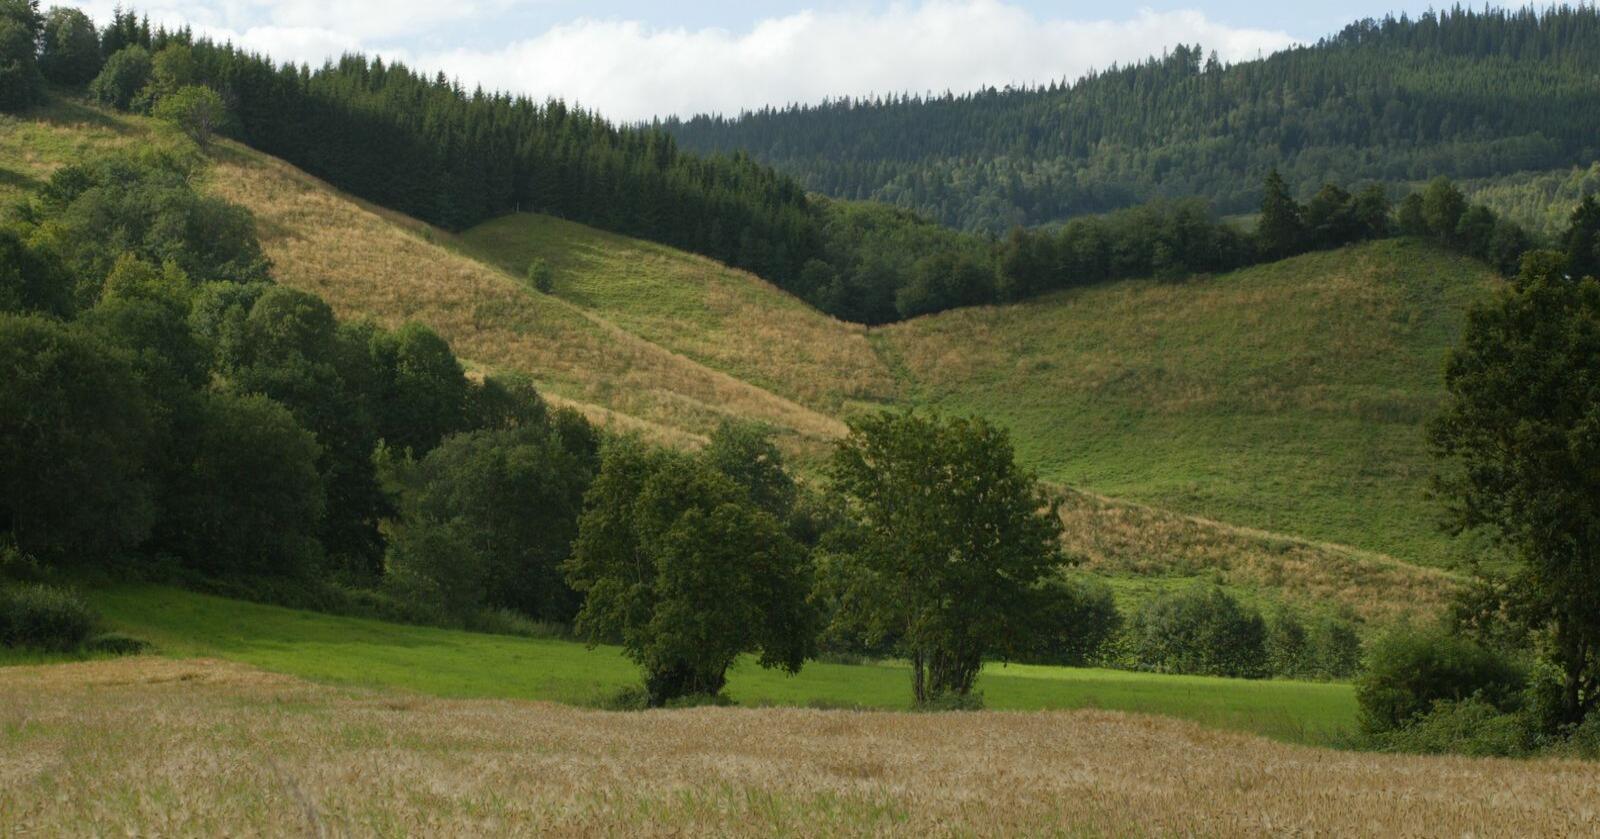 Størst arealendringer har det vært i de såkalte kornområdene, hvor en del kornareal har blitt erstattet med grasproduksjon. Arkivfoto: Norsk Landbruk